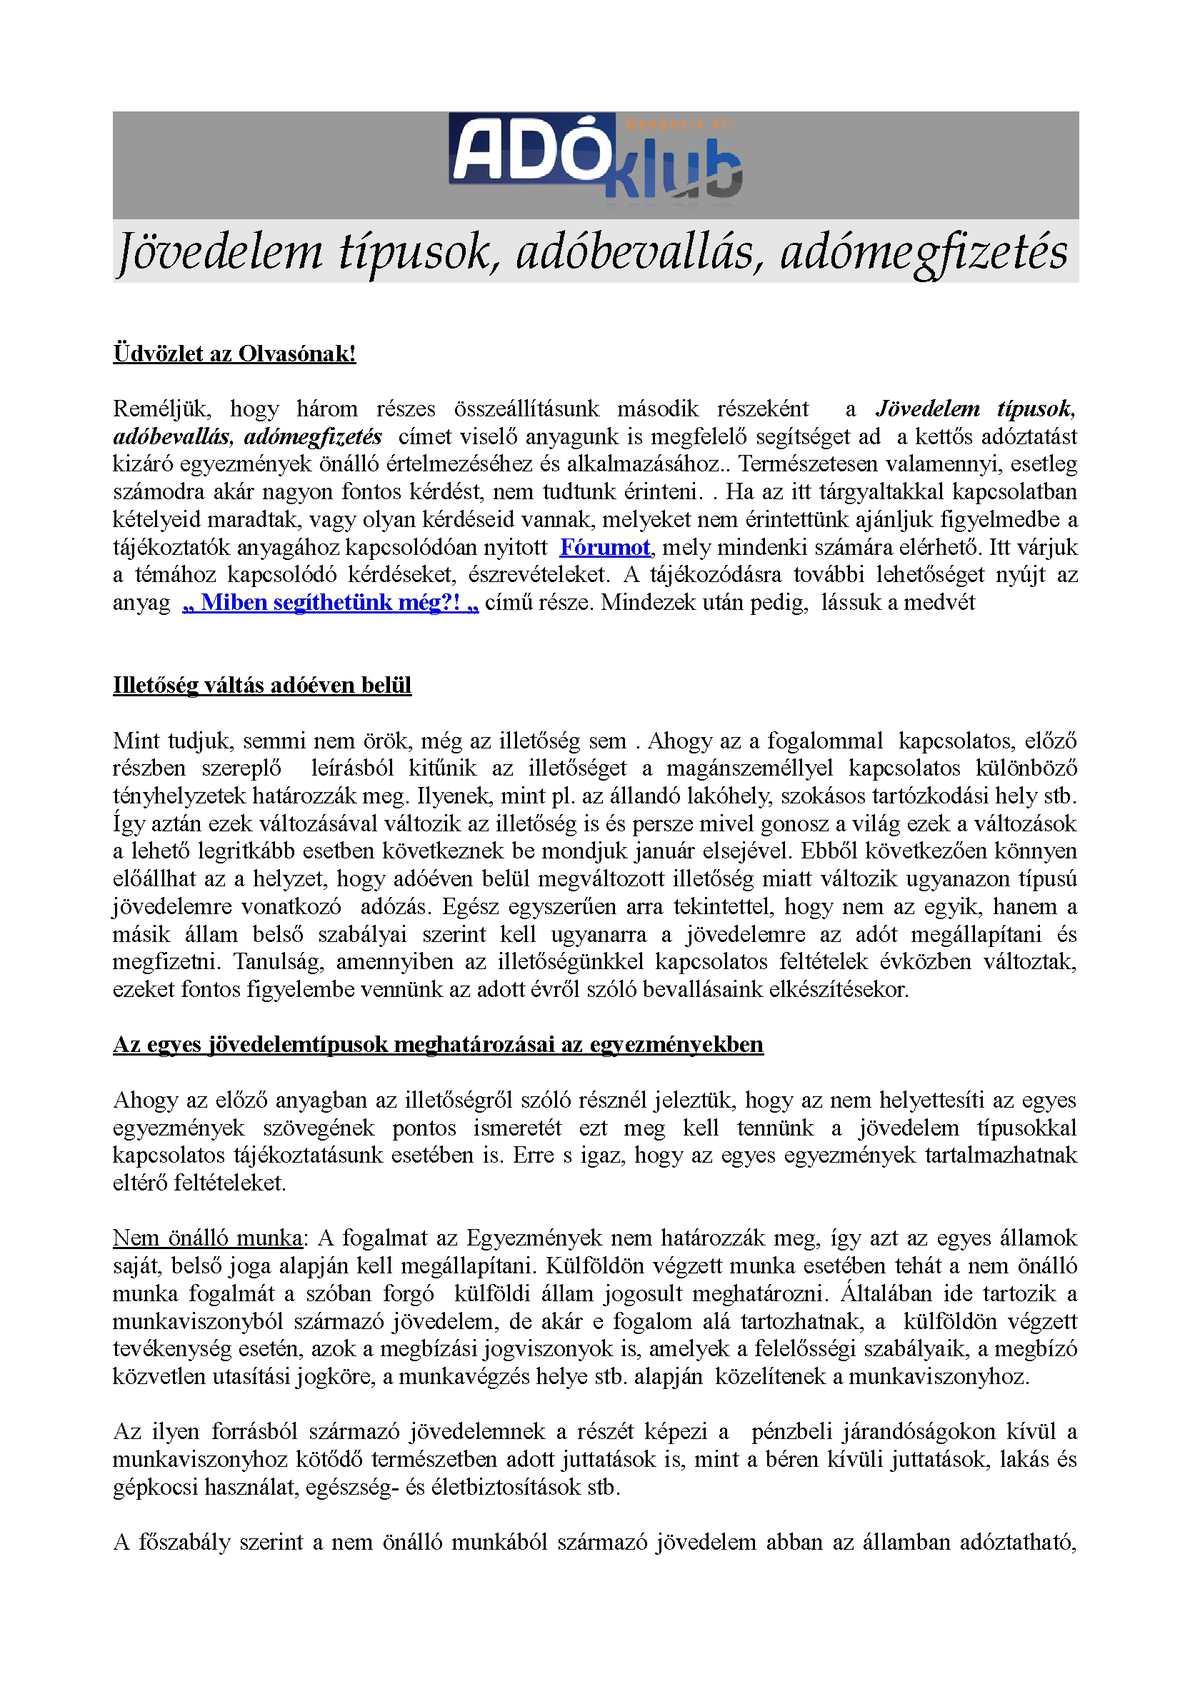 Külföldiek jövedelemadózása jövedelemtípusok szerint Magyarországon